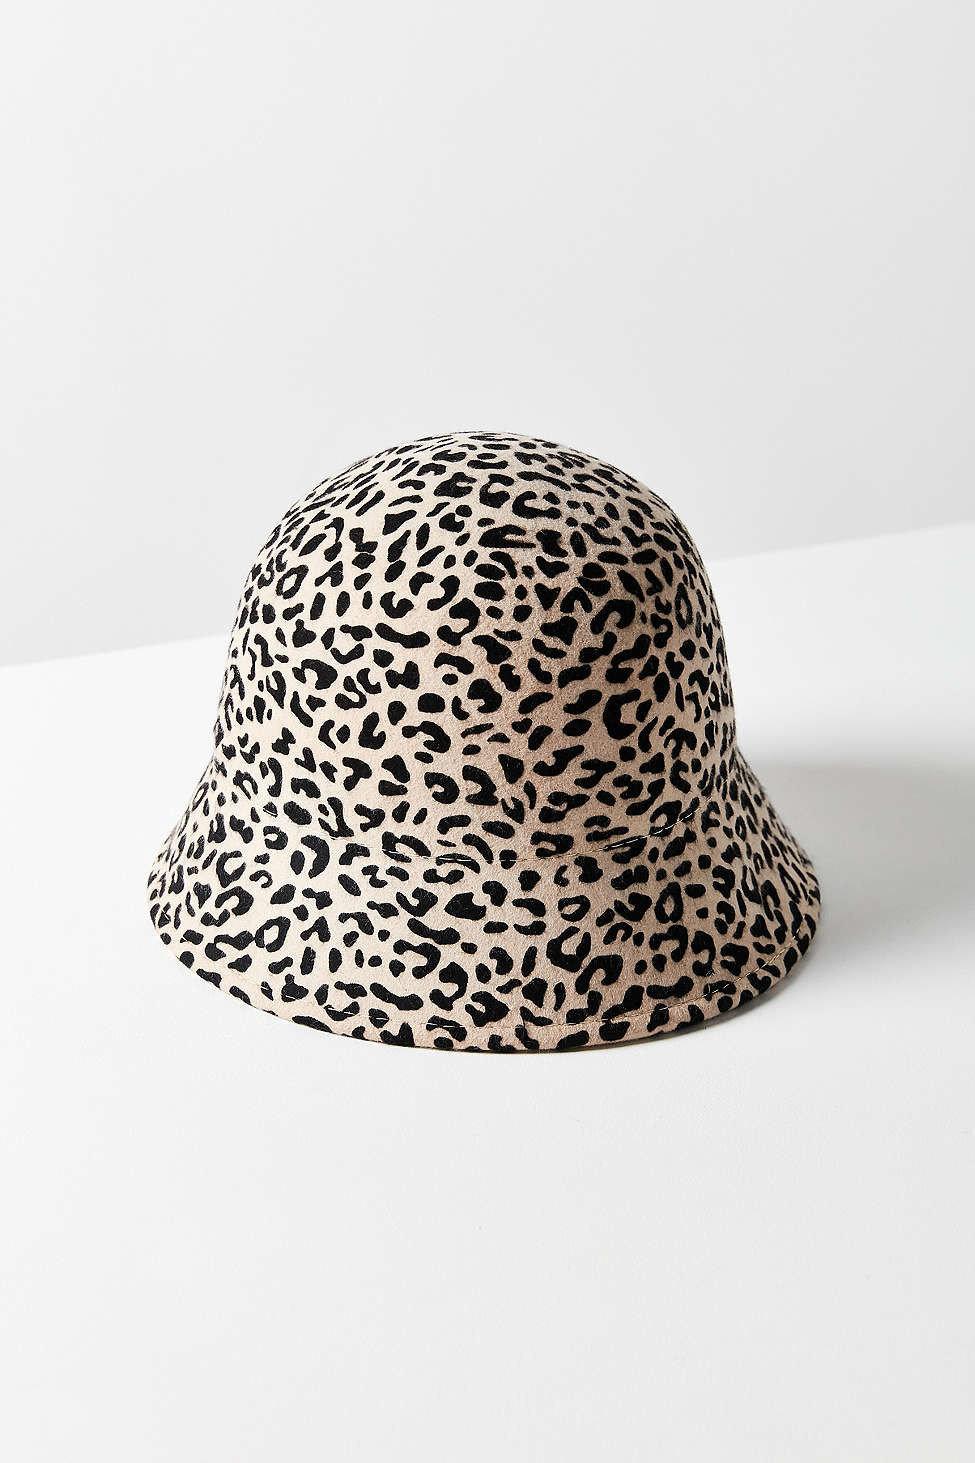 Style + Design Travel Shop headgear cap hat product design